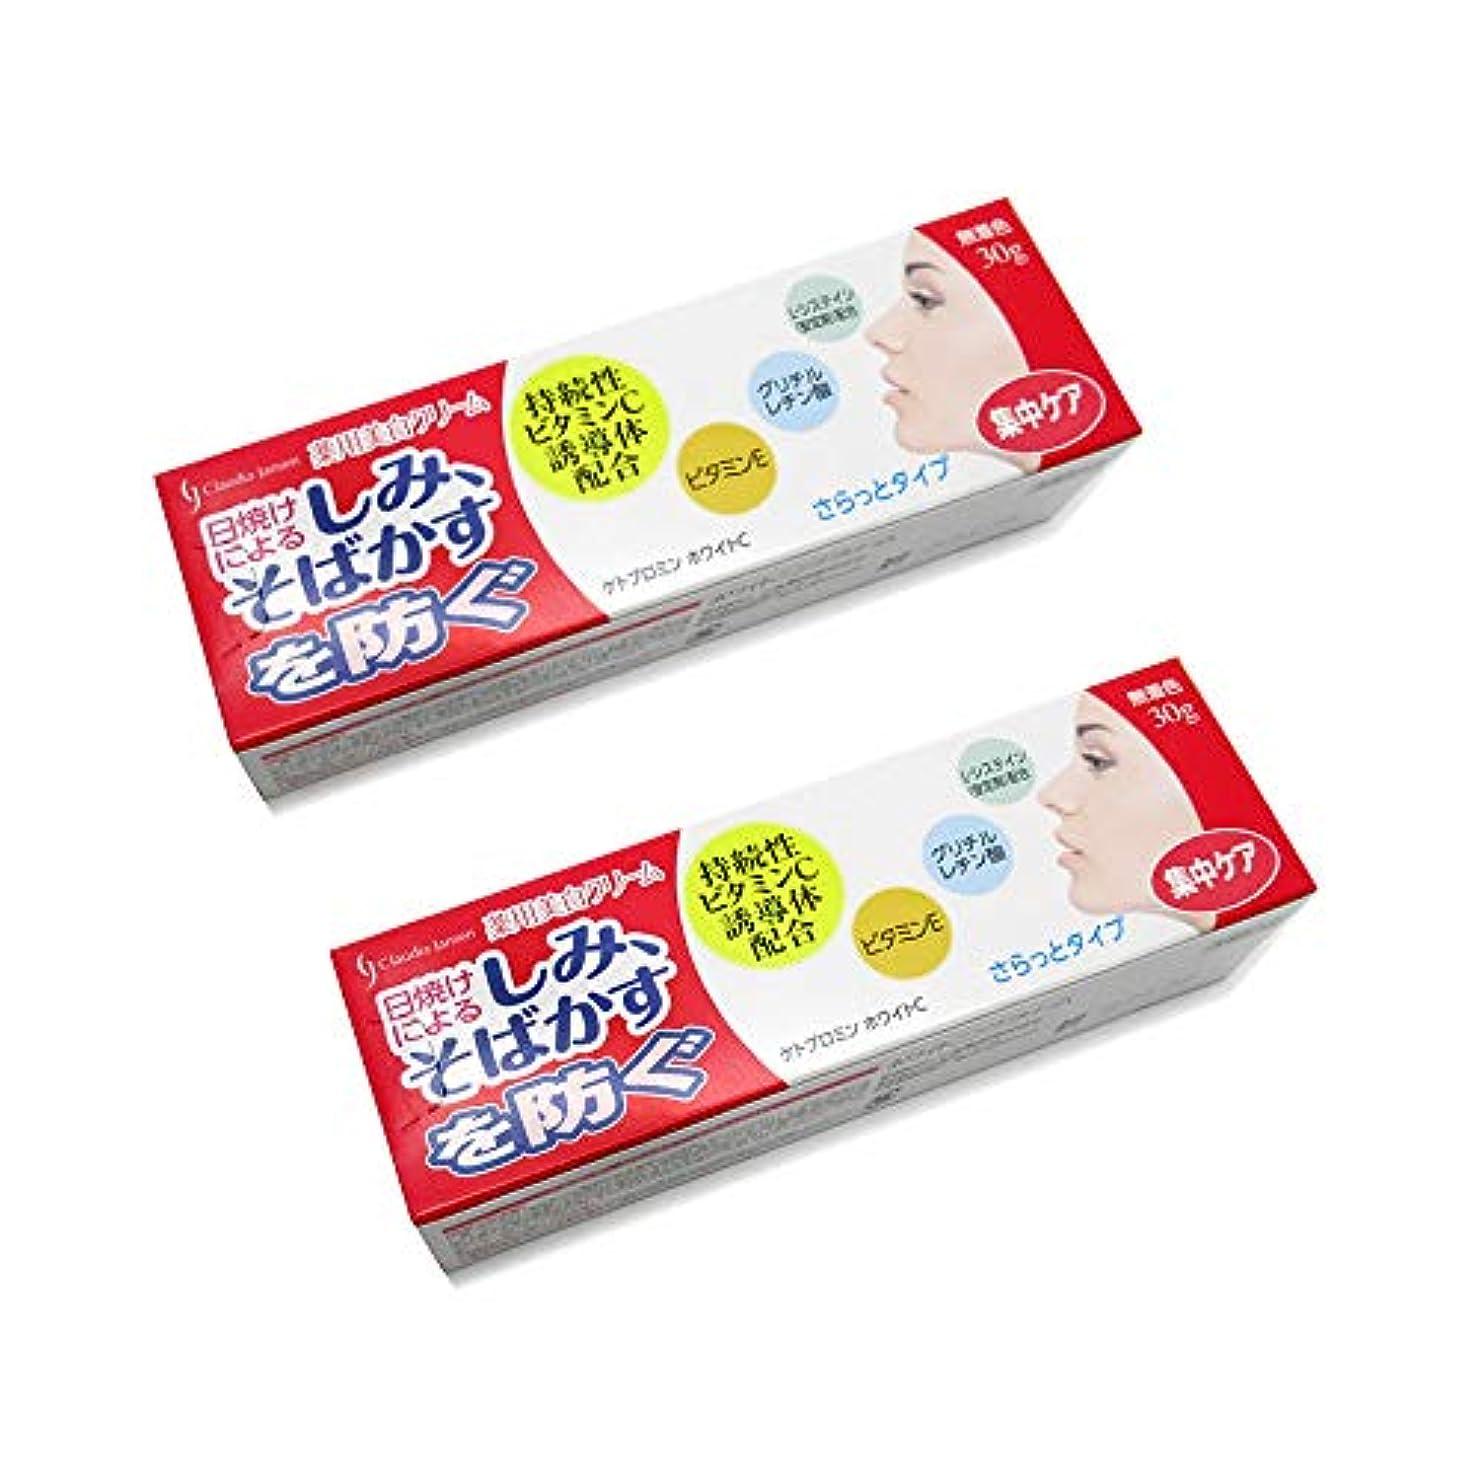 意味する神秘迷信薬用ホワイトニングクリームC 30g 2個セット 美白クリーム 薬用 美白クリーム 美白ケア 医薬部外品